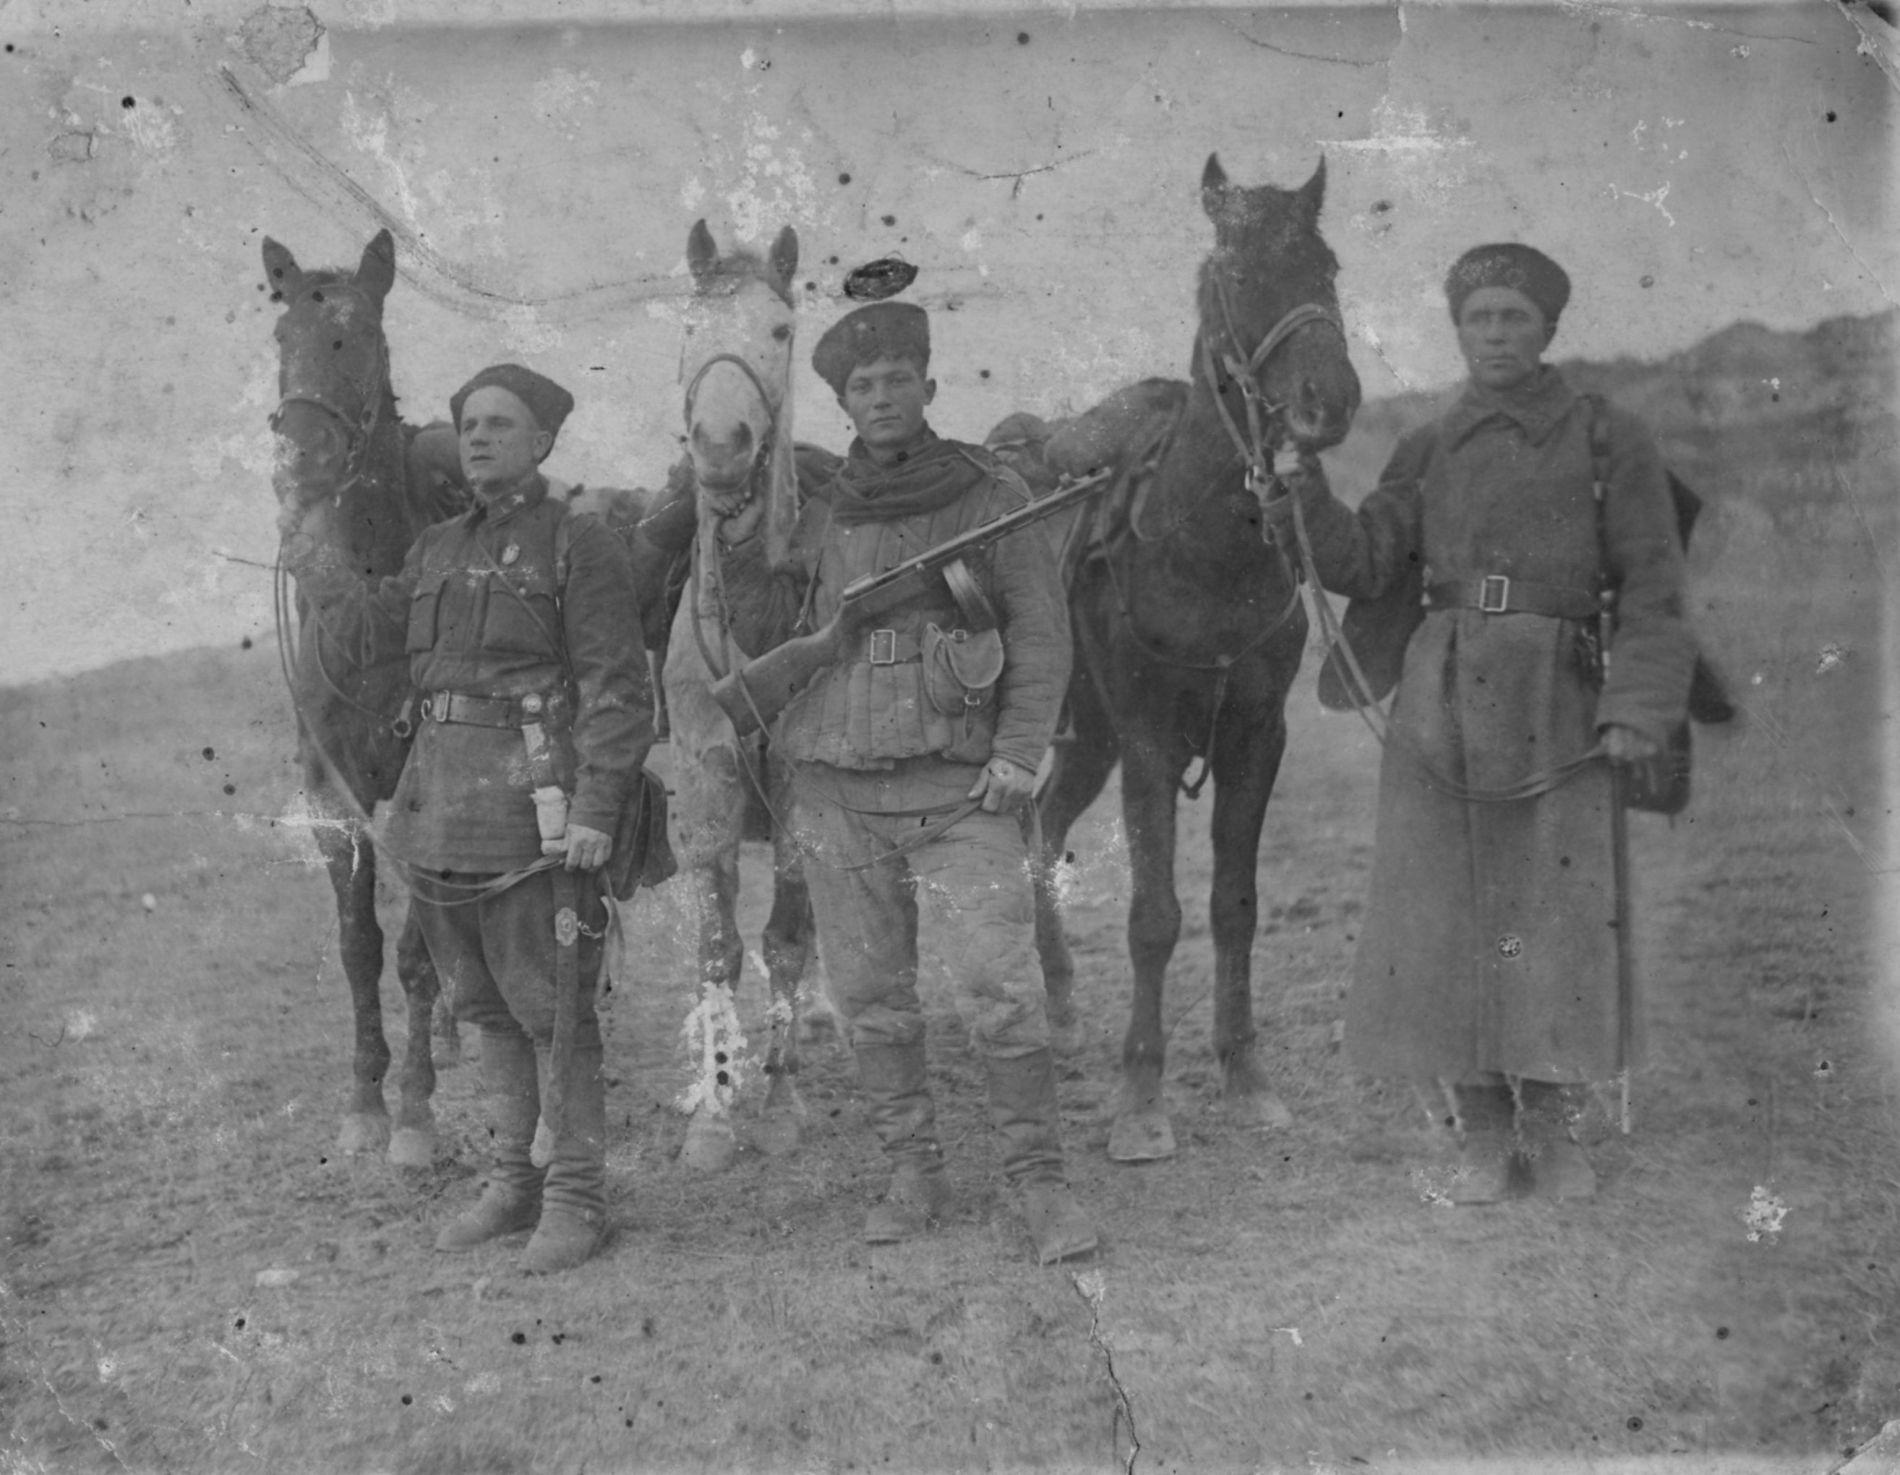 Казаки 72-й кавалерийской дивизии. Крым, 1942 год ©Фото с сайта waralbum.ru